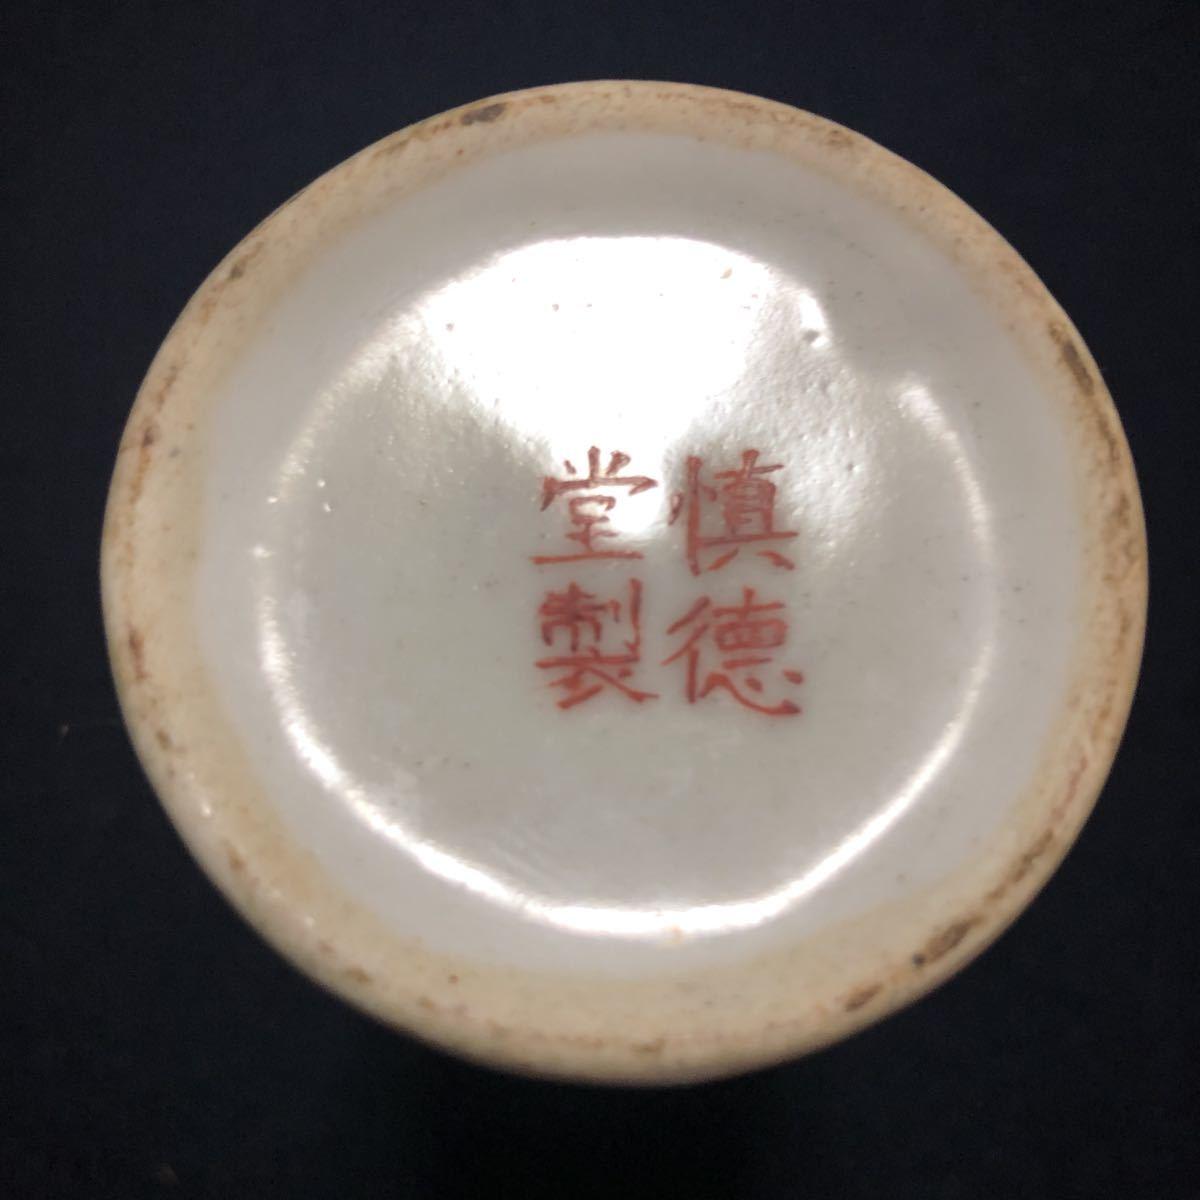 中国 古美術 古玩 在銘 慎德堂製 粉彩筆筒 龍紋 書道具 筆入れ(ゆうパック着払い)_画像6